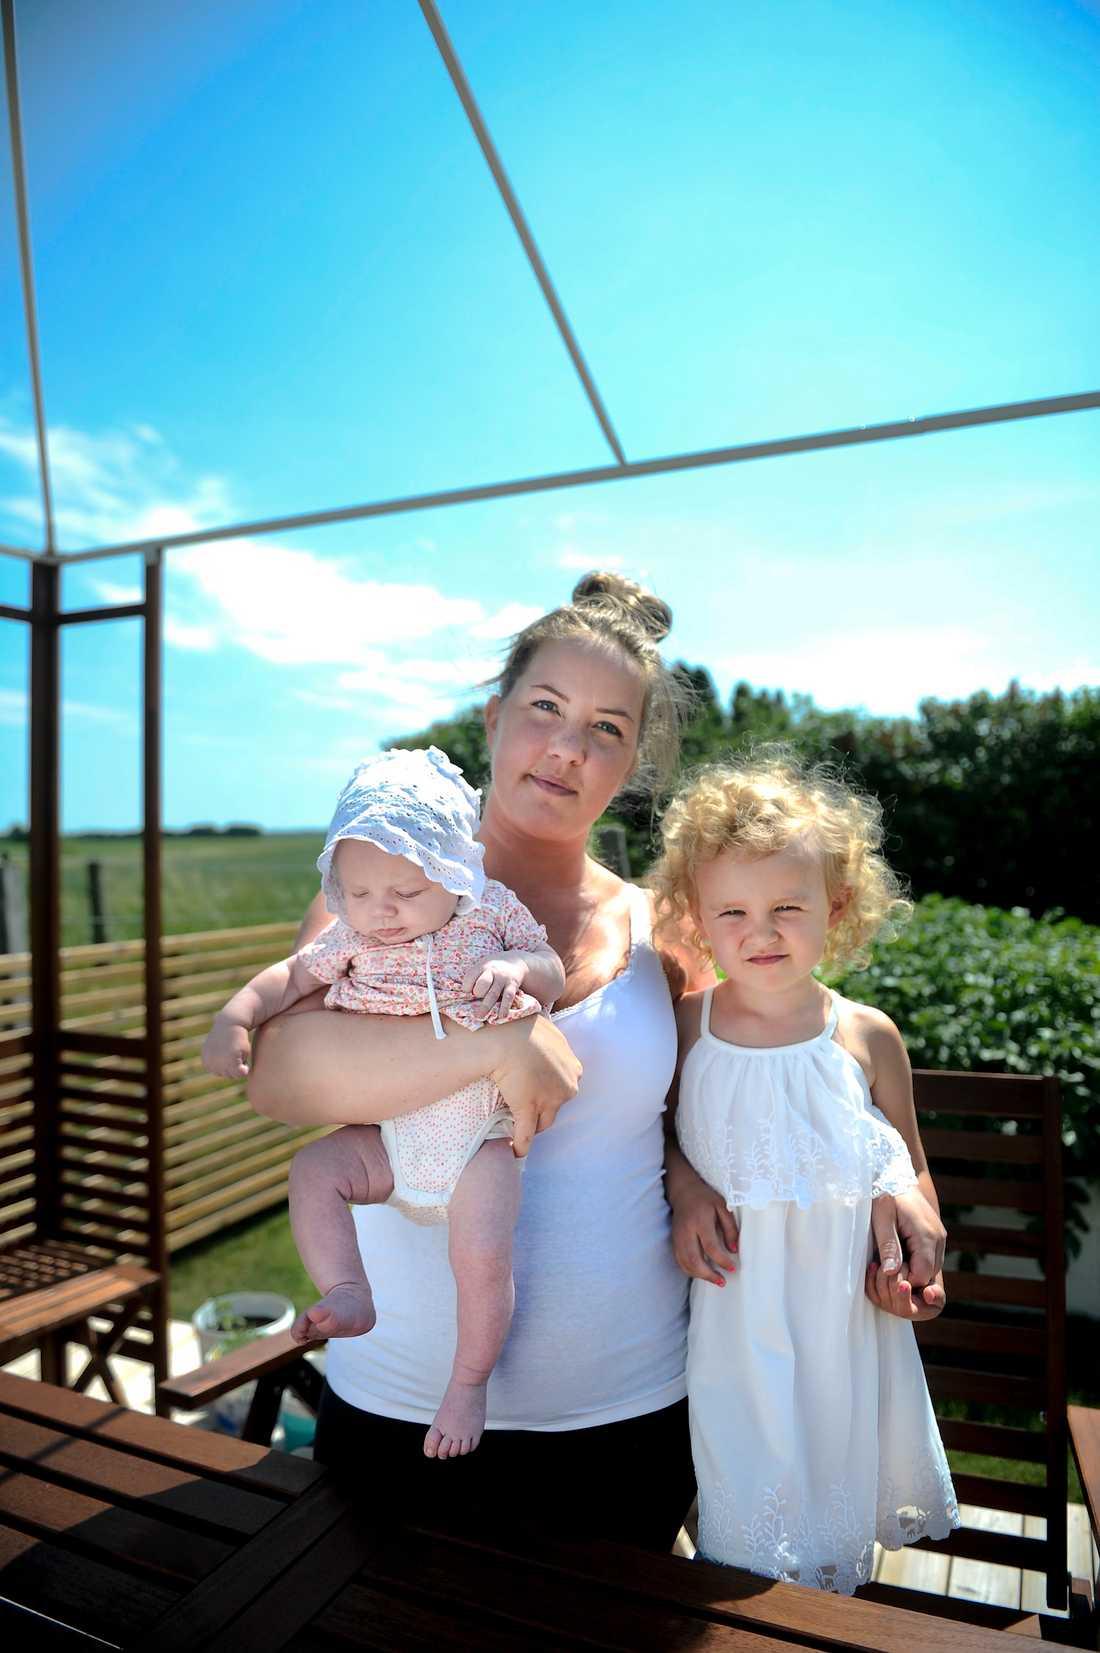 Catja Karlberg, med minstingen Anja, i dag 3 månader och Ella, 4 år. På grund av stomin får Catja hjälp av sin mamma och sin svärmor med ärenden.